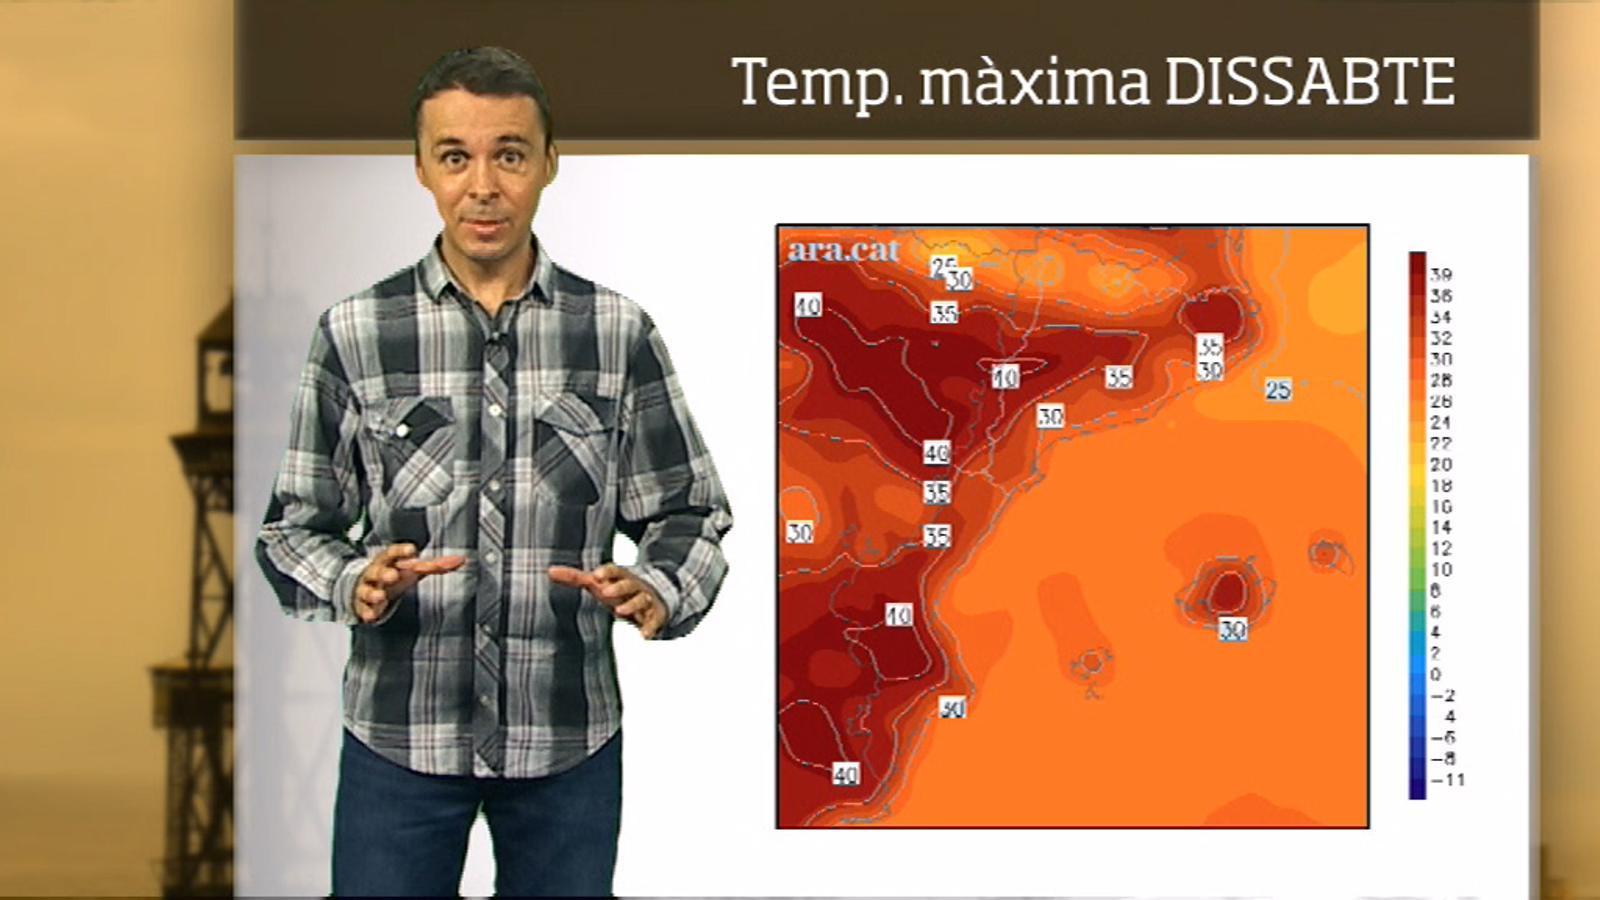 Méteo especial: Pic de calor durant el cap de setmana